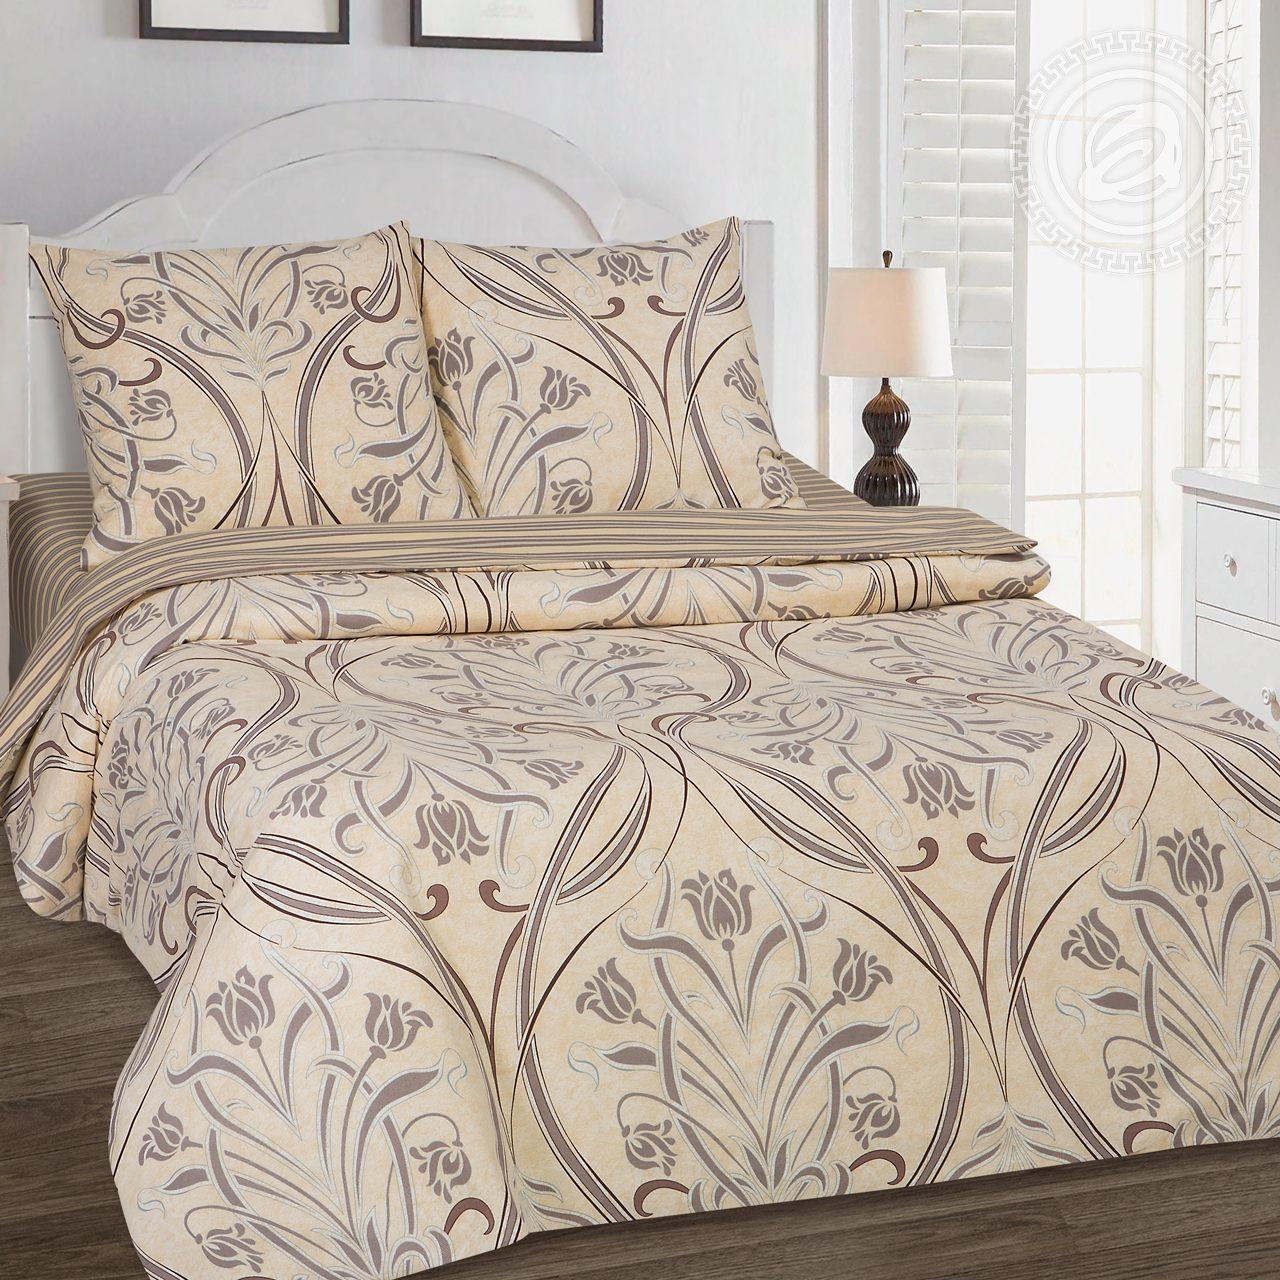 Постельное белье Варьете (поплин) (1,5 спальный) постельное белье ризотто поплин 1 5 спальный